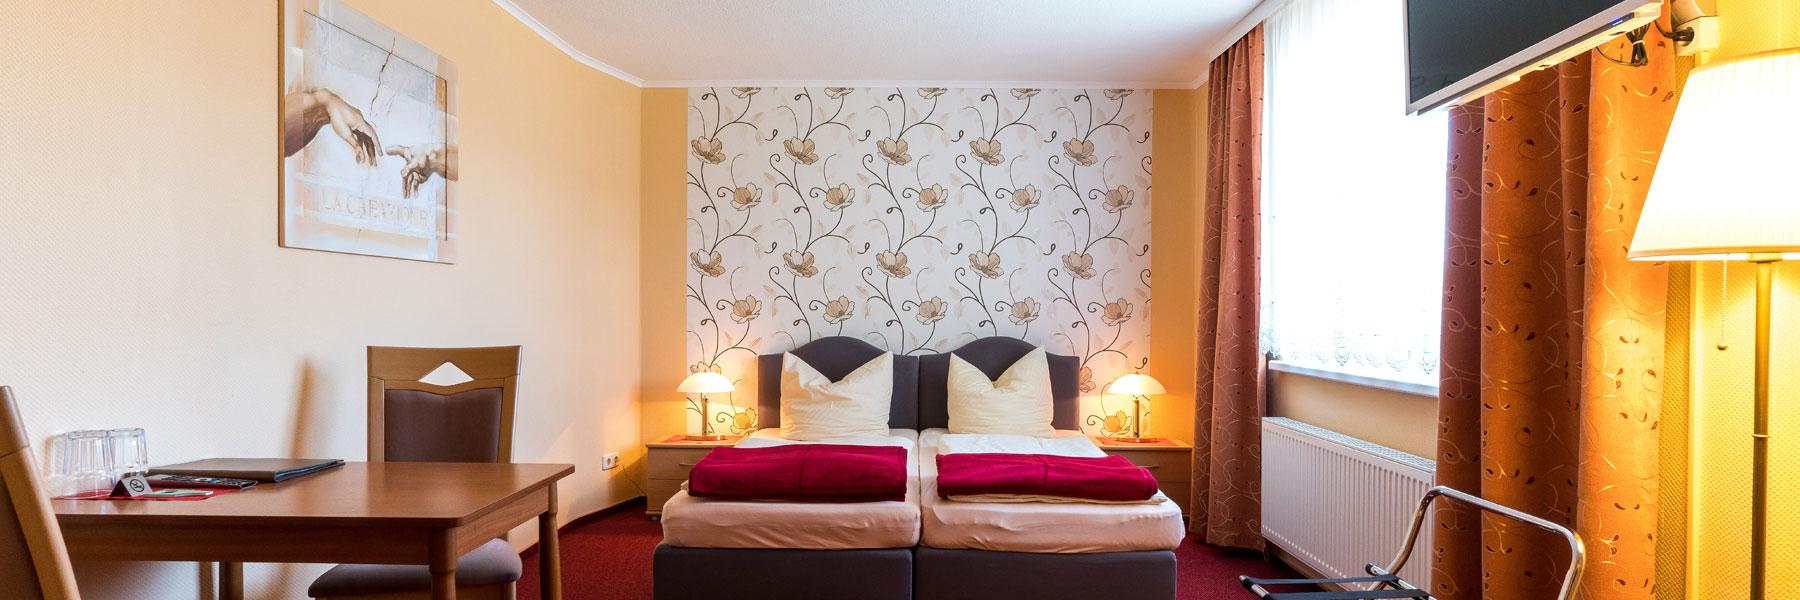 Doppelzimmer - Hotel Adler